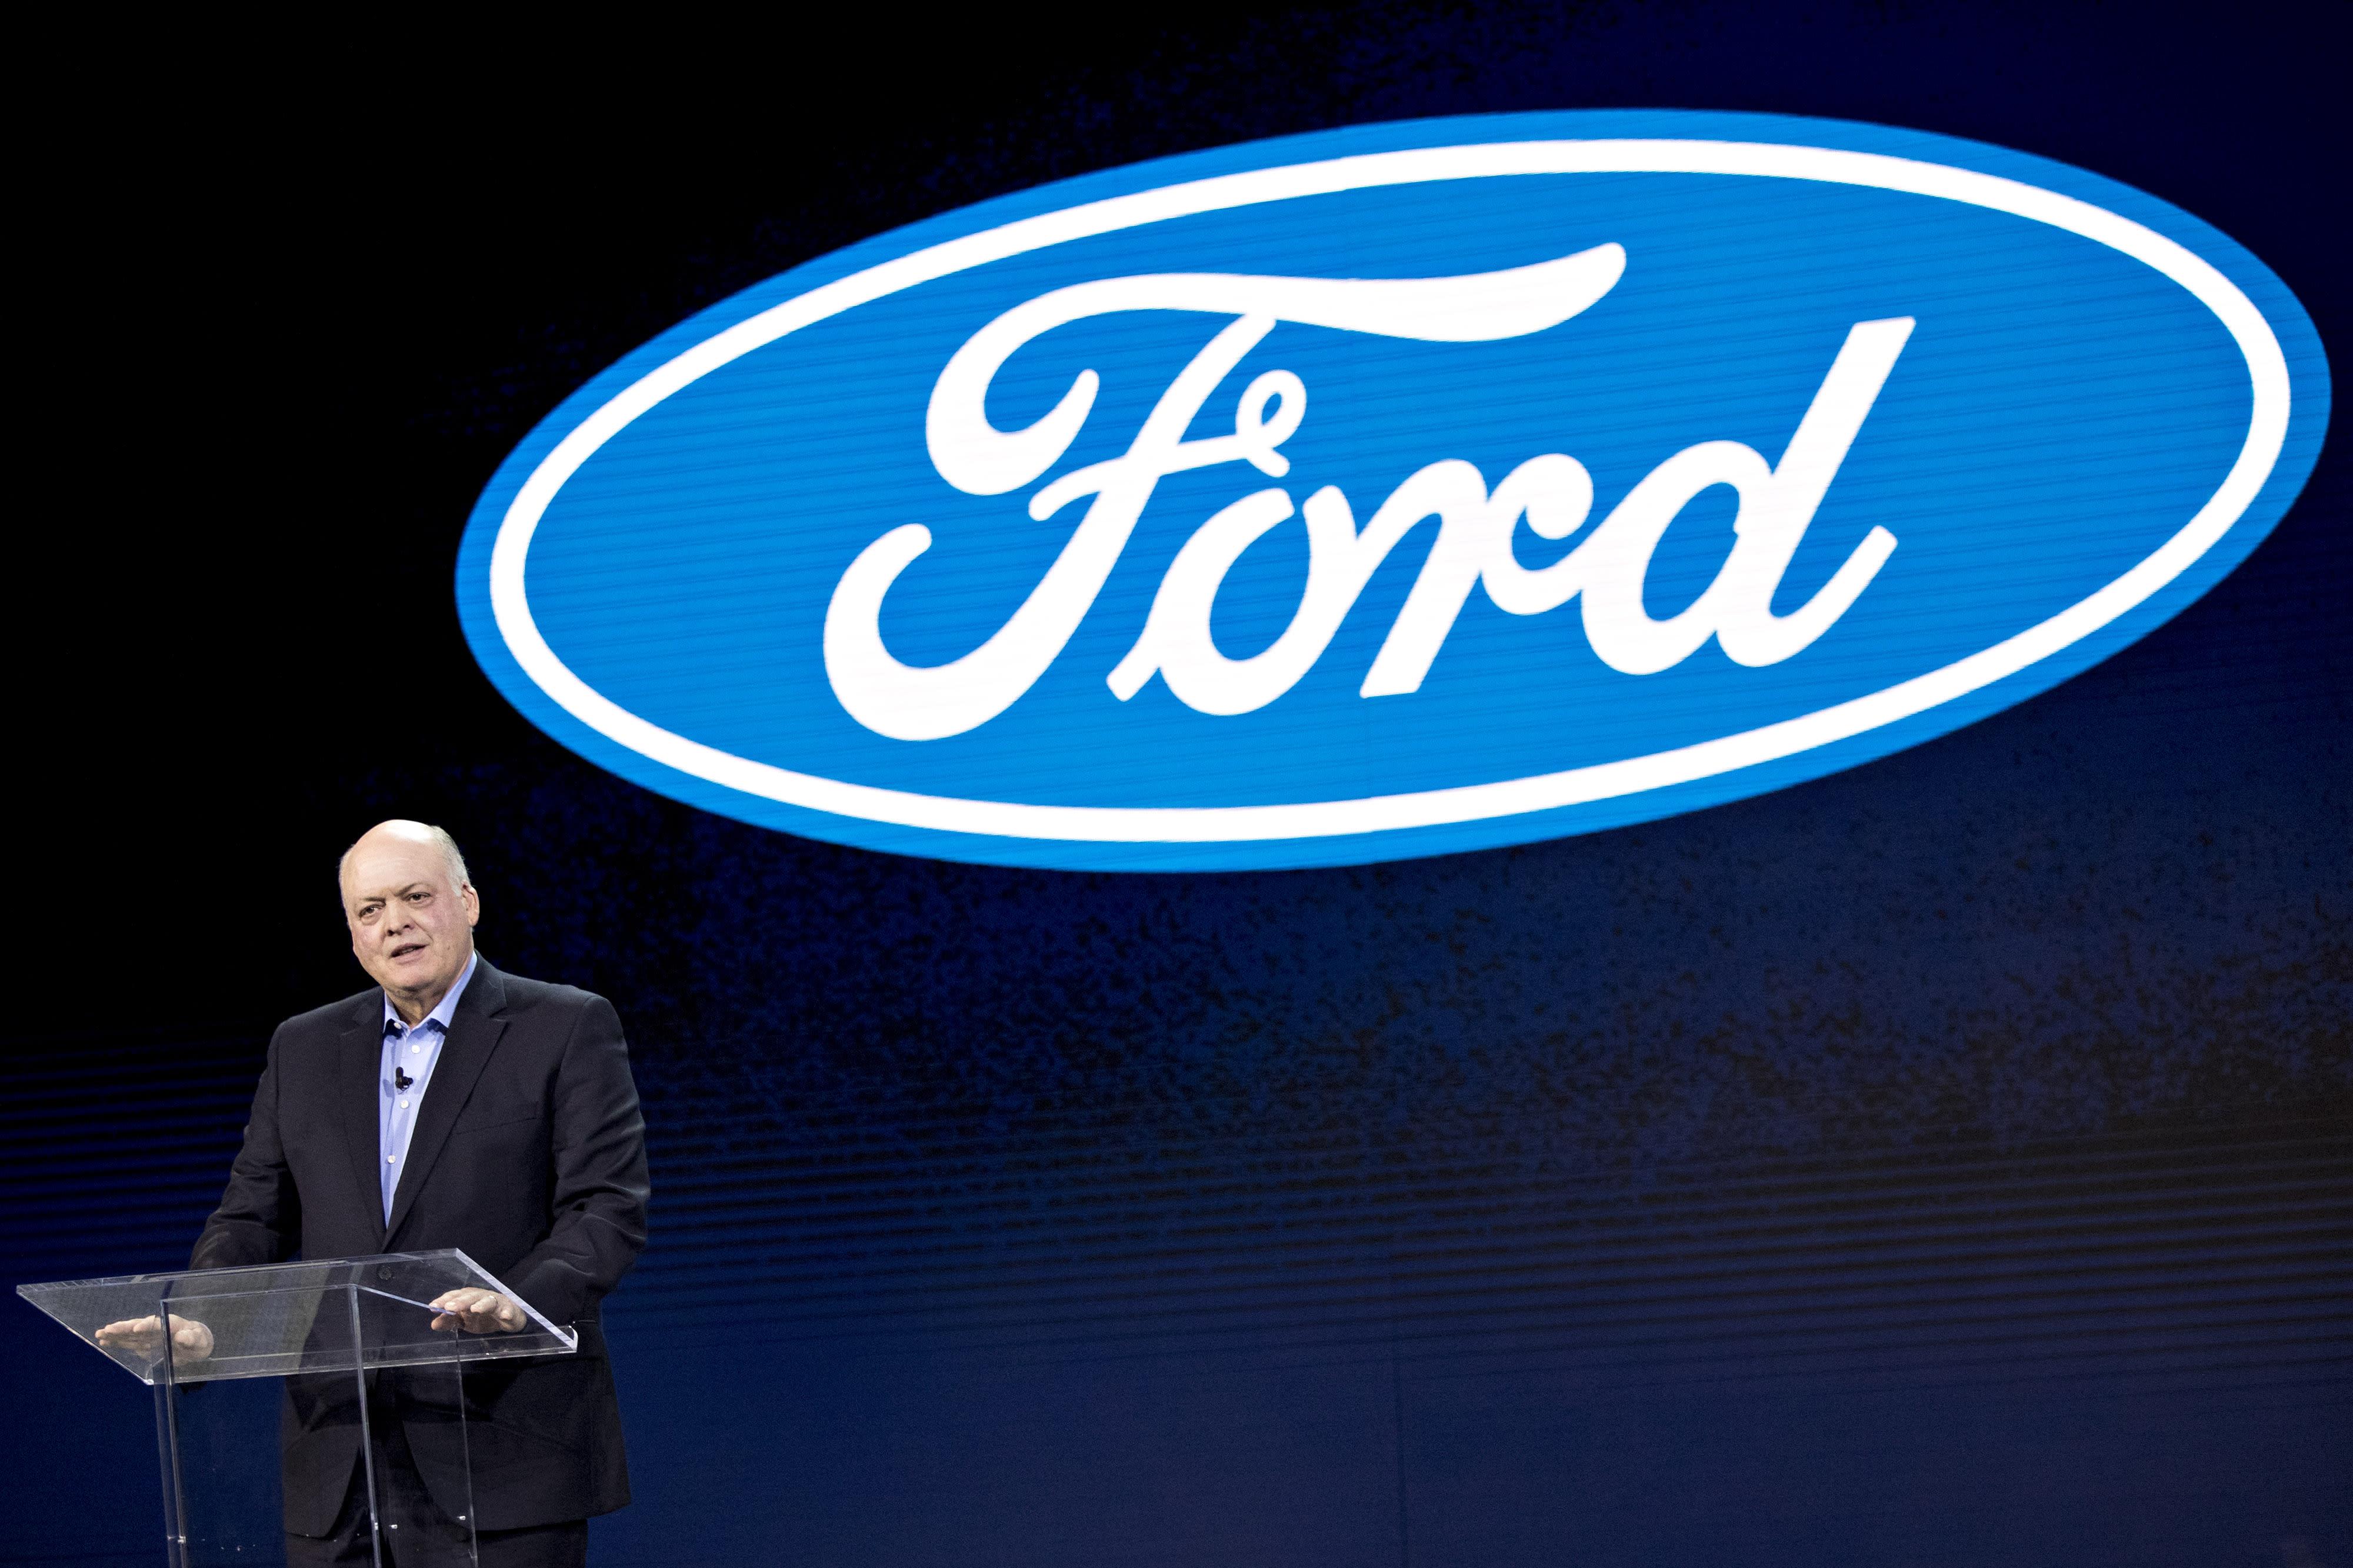 Ford Partners with Mumbai-based Mahindra - CFO